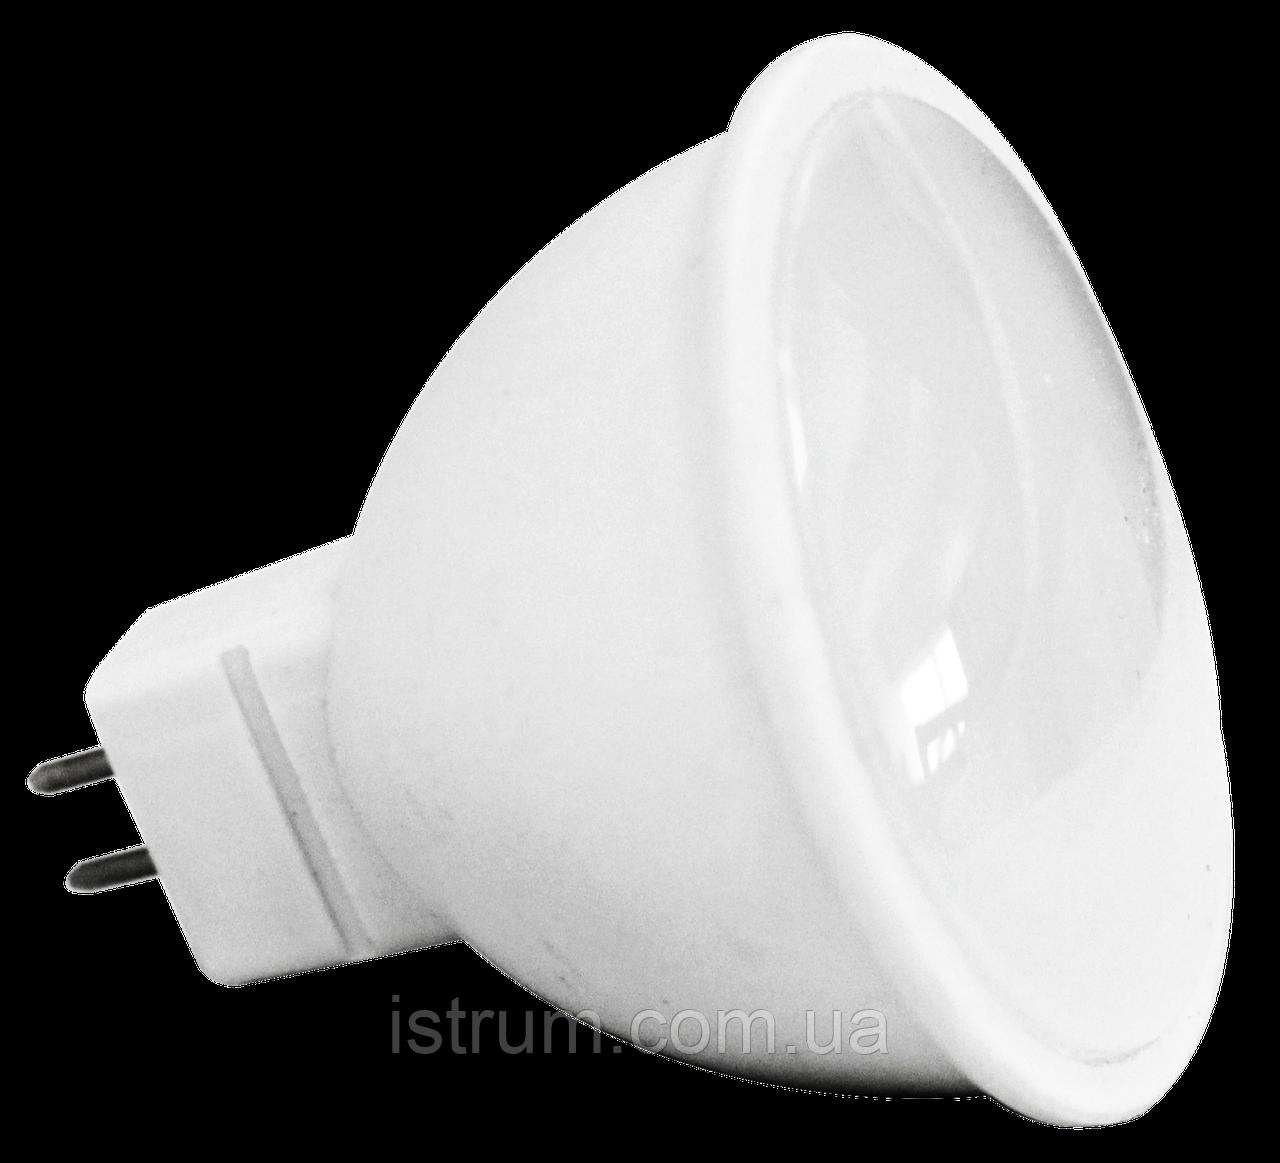 Лампа светодиодная 4W MR16 3000К 320Lm 120° 220V, Numina